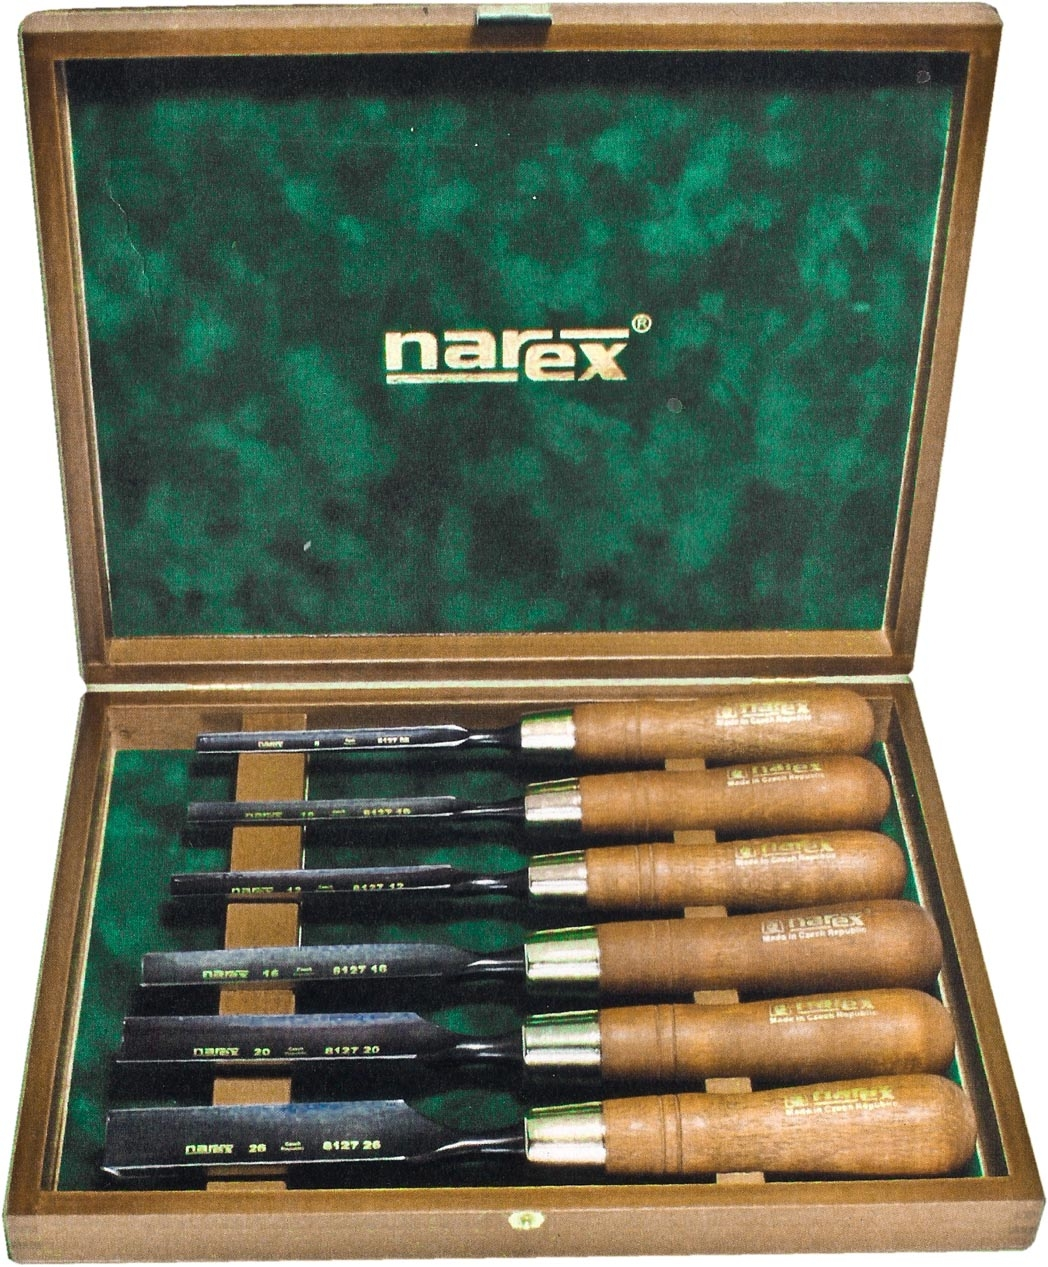 853300-Juego de gubias 6pz FUERTES en caja de madera NAREX 853300-max-1.